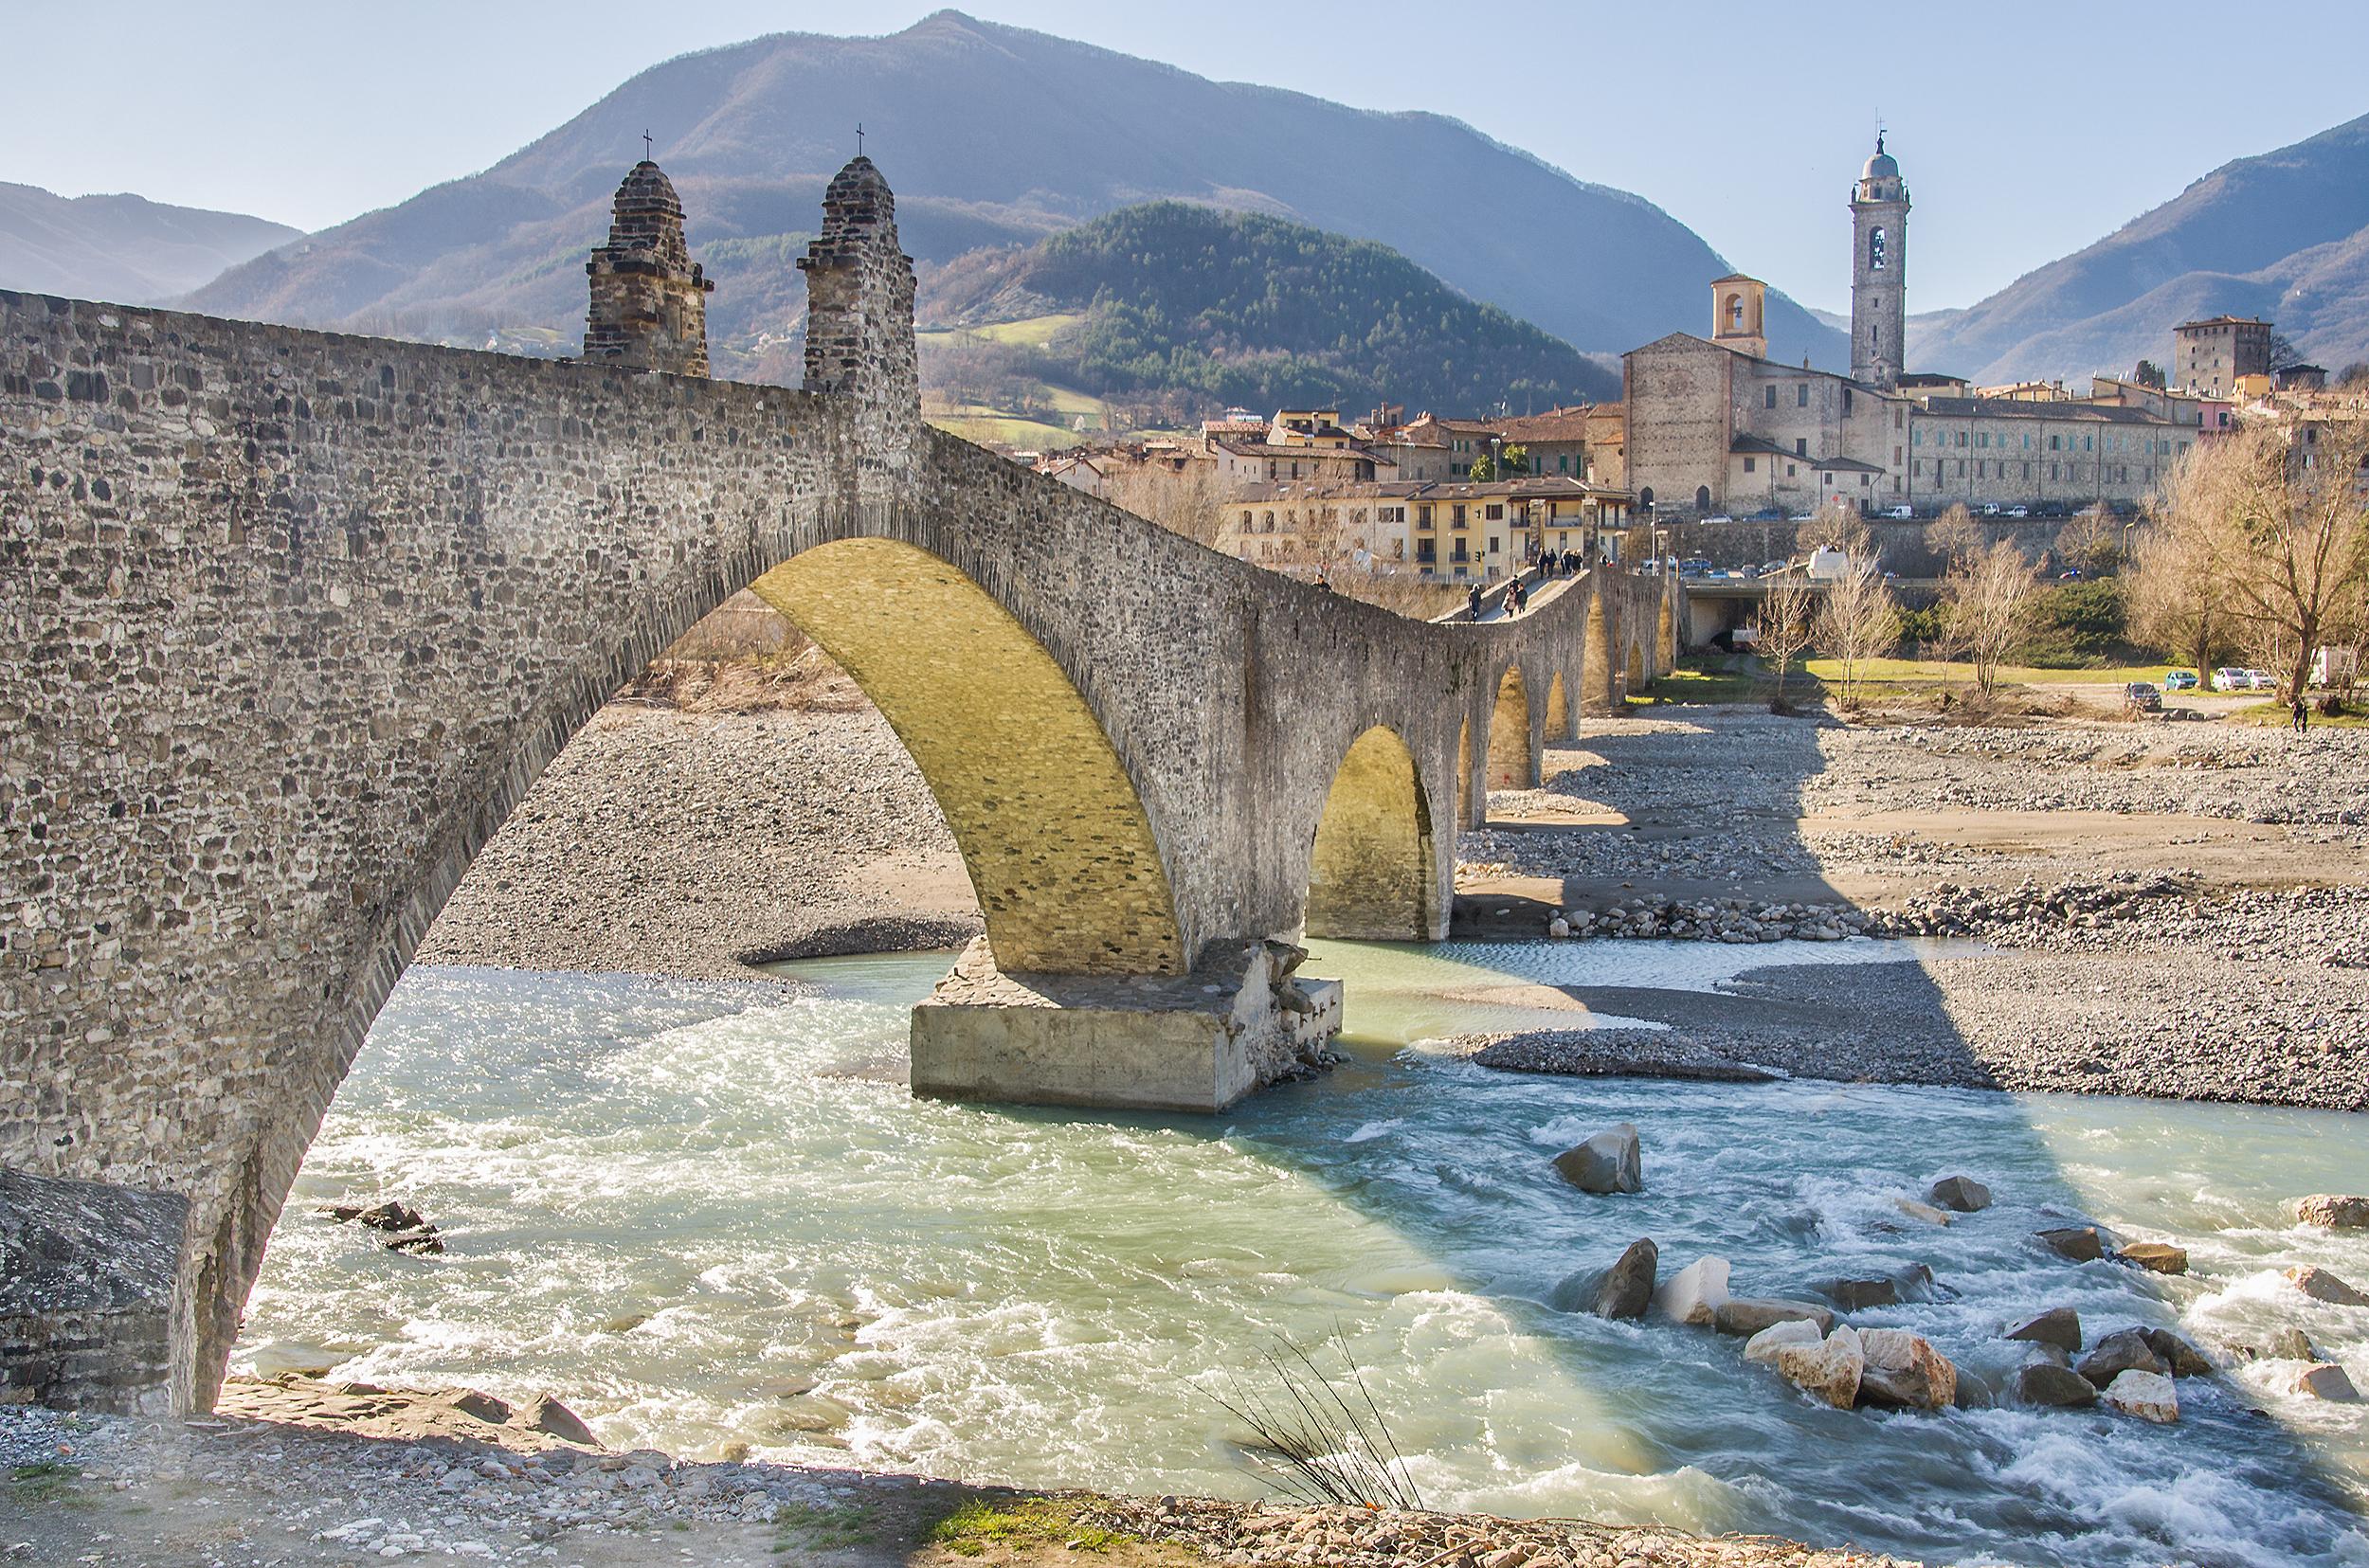 Ponte Gobbo spans the Trebbia river